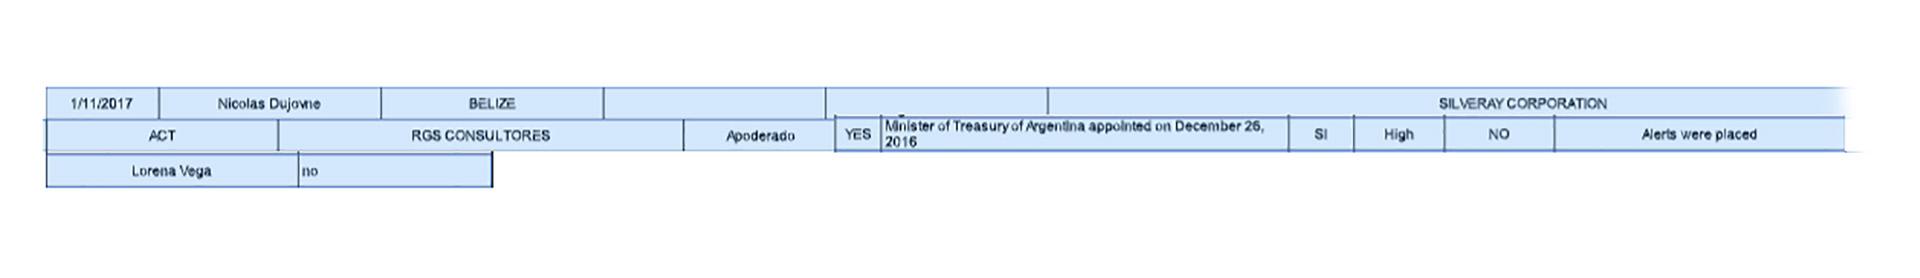 """Planilla interna de Alcogal donde Dujovne fue identificado como PEP y de """"alto riesgo"""" por haber asumido como ministro de Hacienda en 2016"""